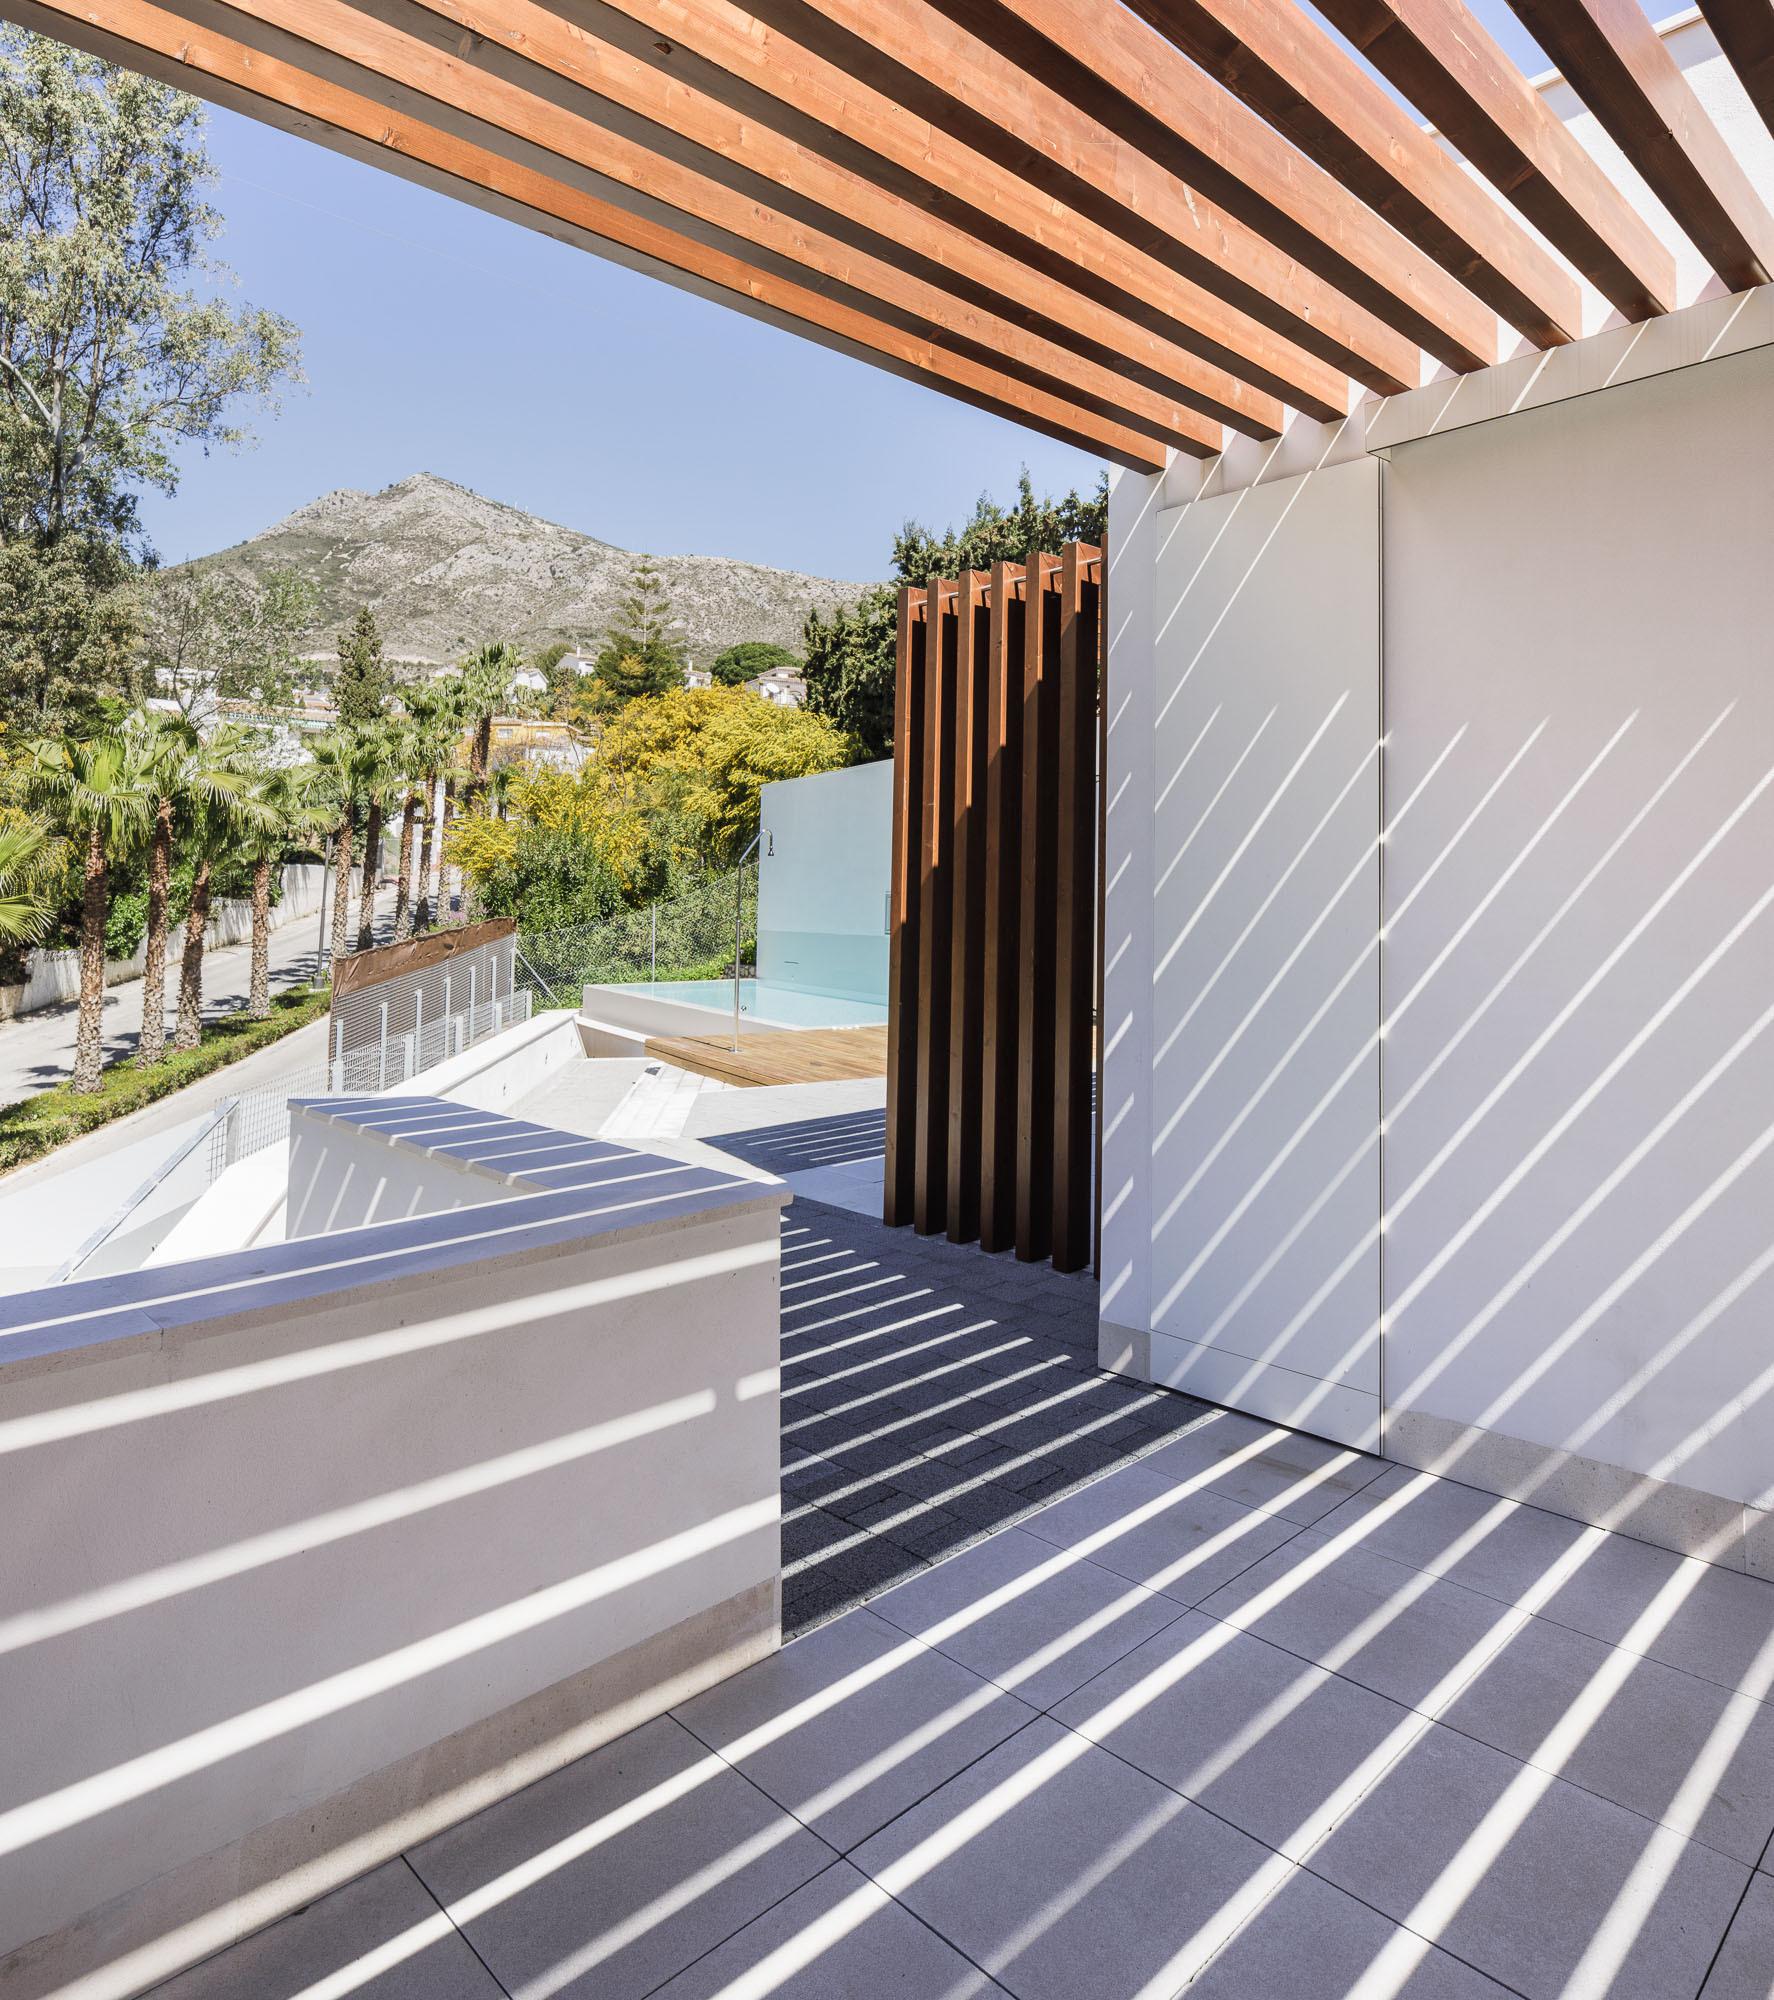 Galer a de casa la yedra ismo arquitectura y dise o 4 for Arquitectura y diseno las palmas